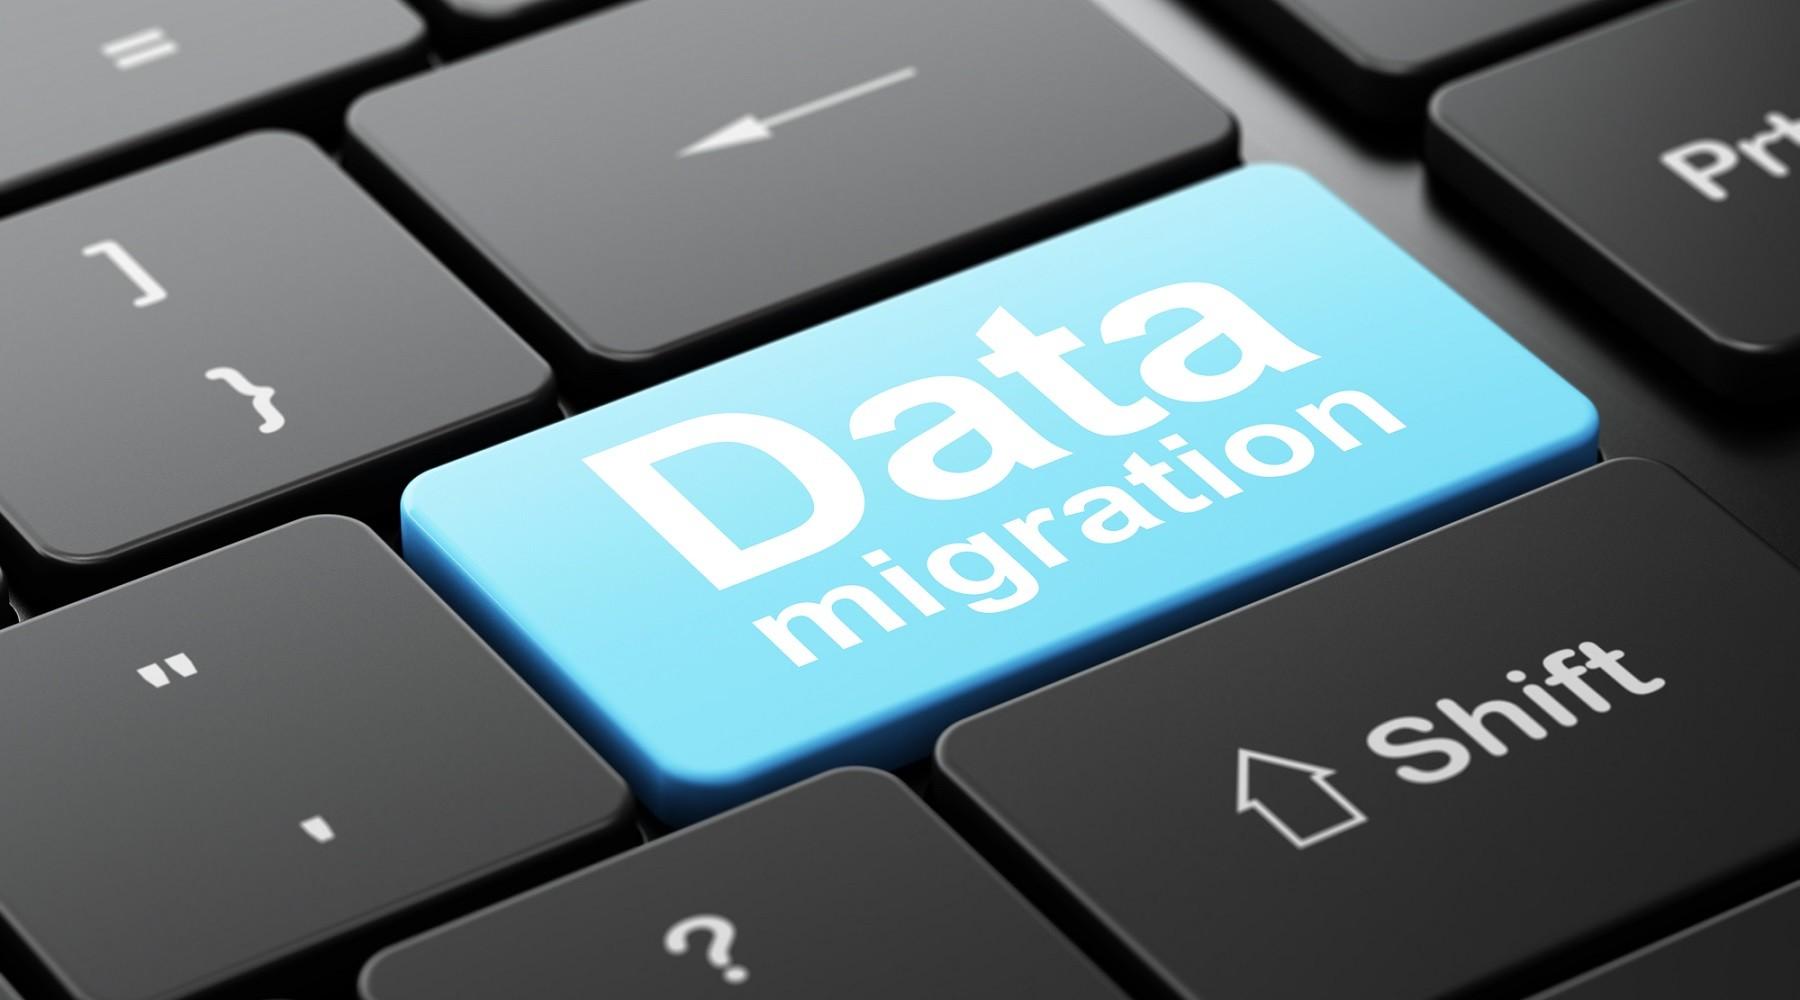 Migrace dat umí být pěkně složitá.